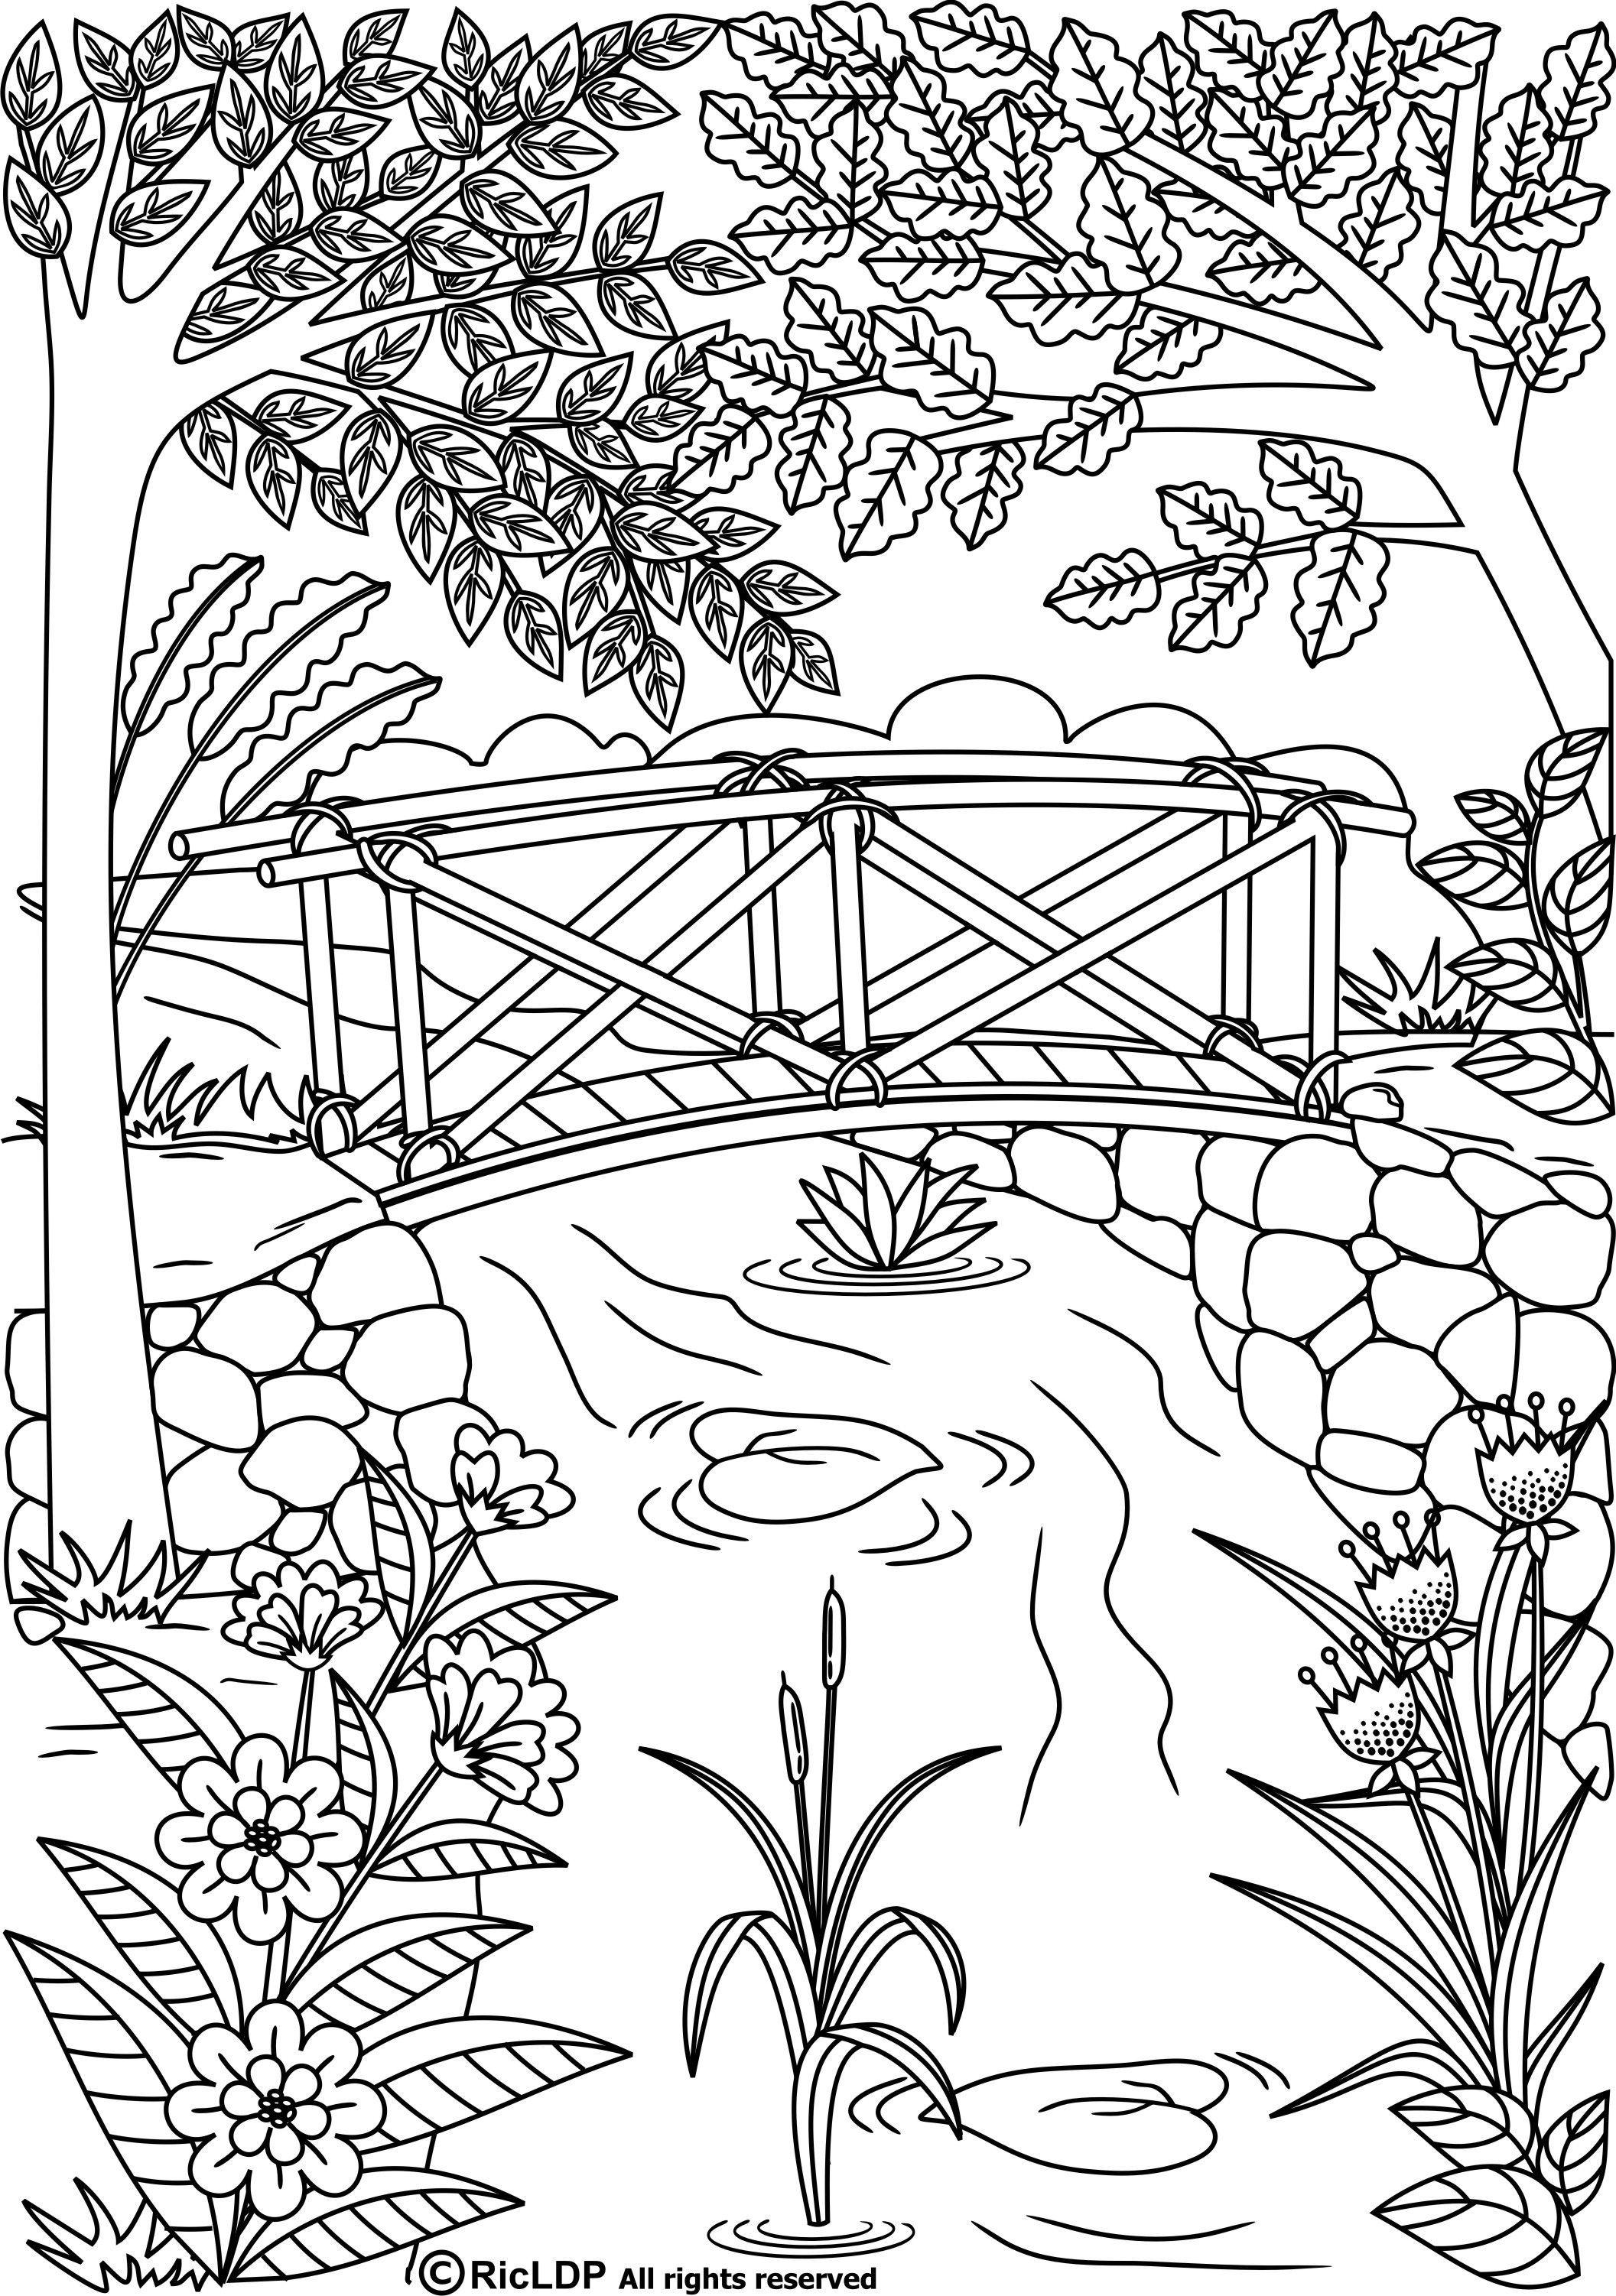 Resultado de imagen de dibujos para colorear adultos paisajes